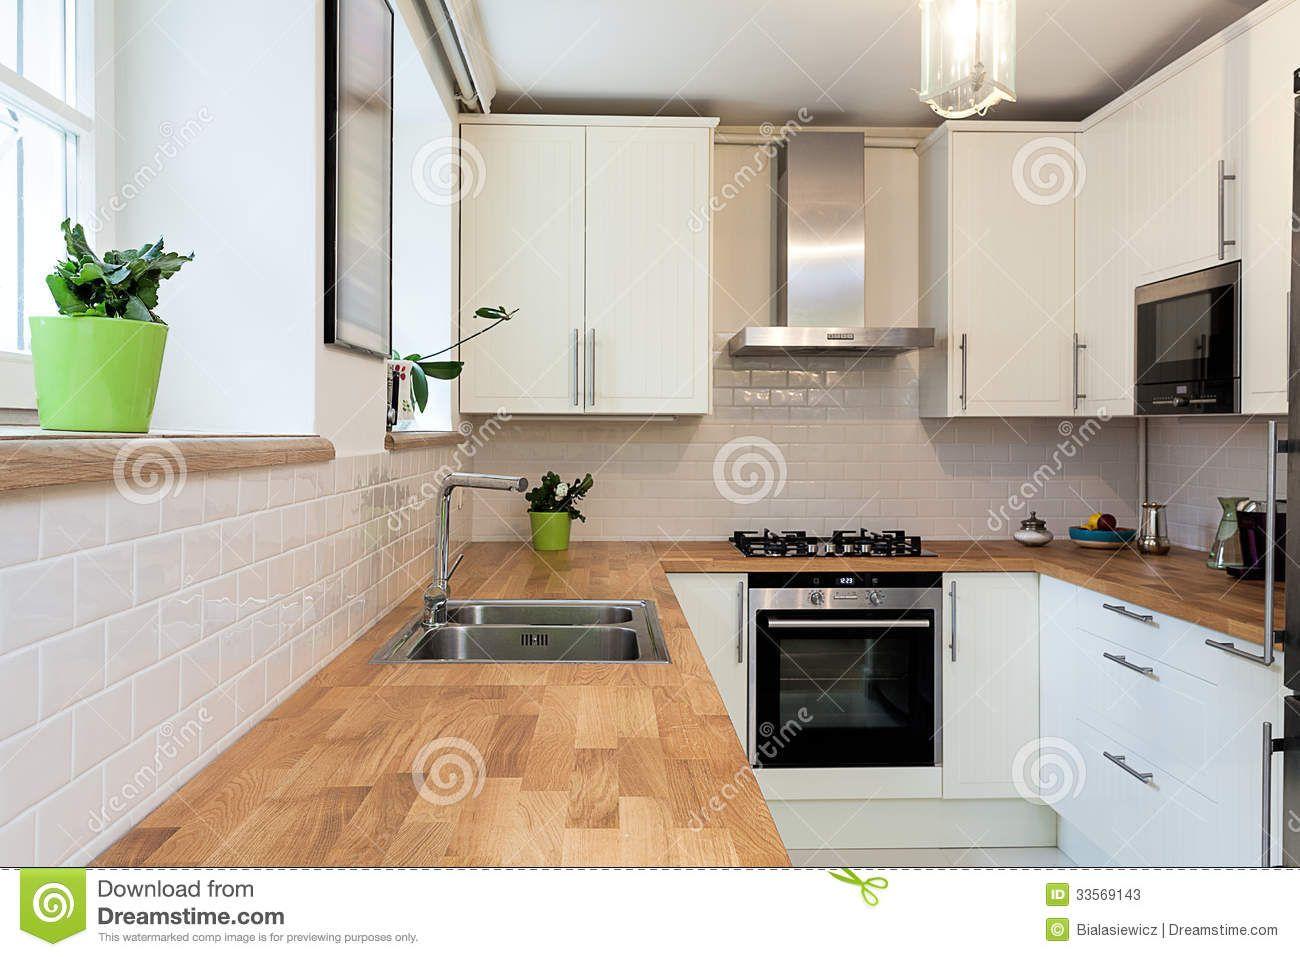 Best Kitchen Gallery: Wooden Counter Tops Kitchen Google Search Kitchen Redneck of Redneck Kitchen Ideas on rachelxblog.com